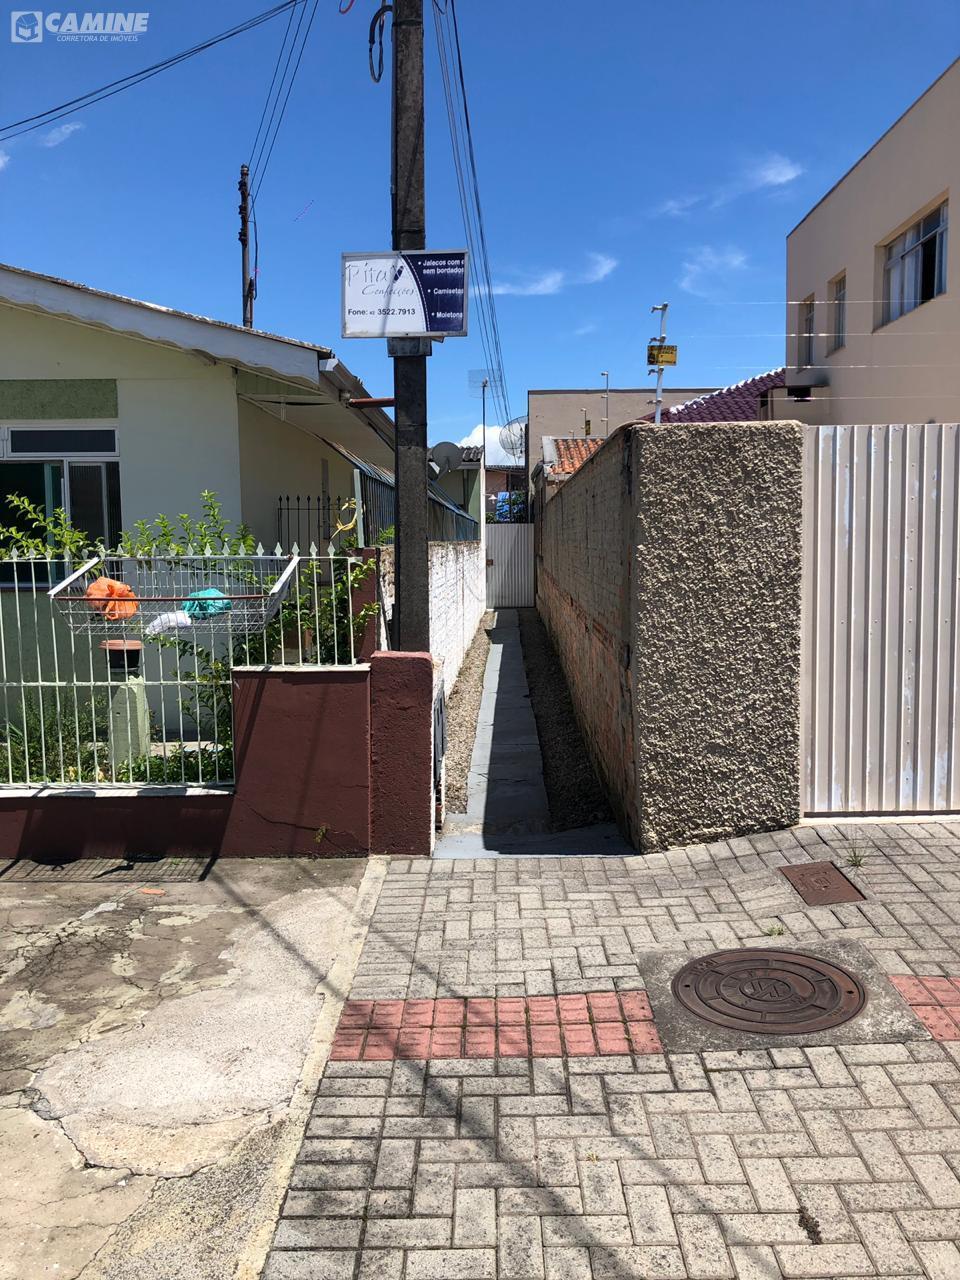 EXCELENTE OPORTUNIDADE NO  CENTRO - UNIAO DA VITORIA/PR